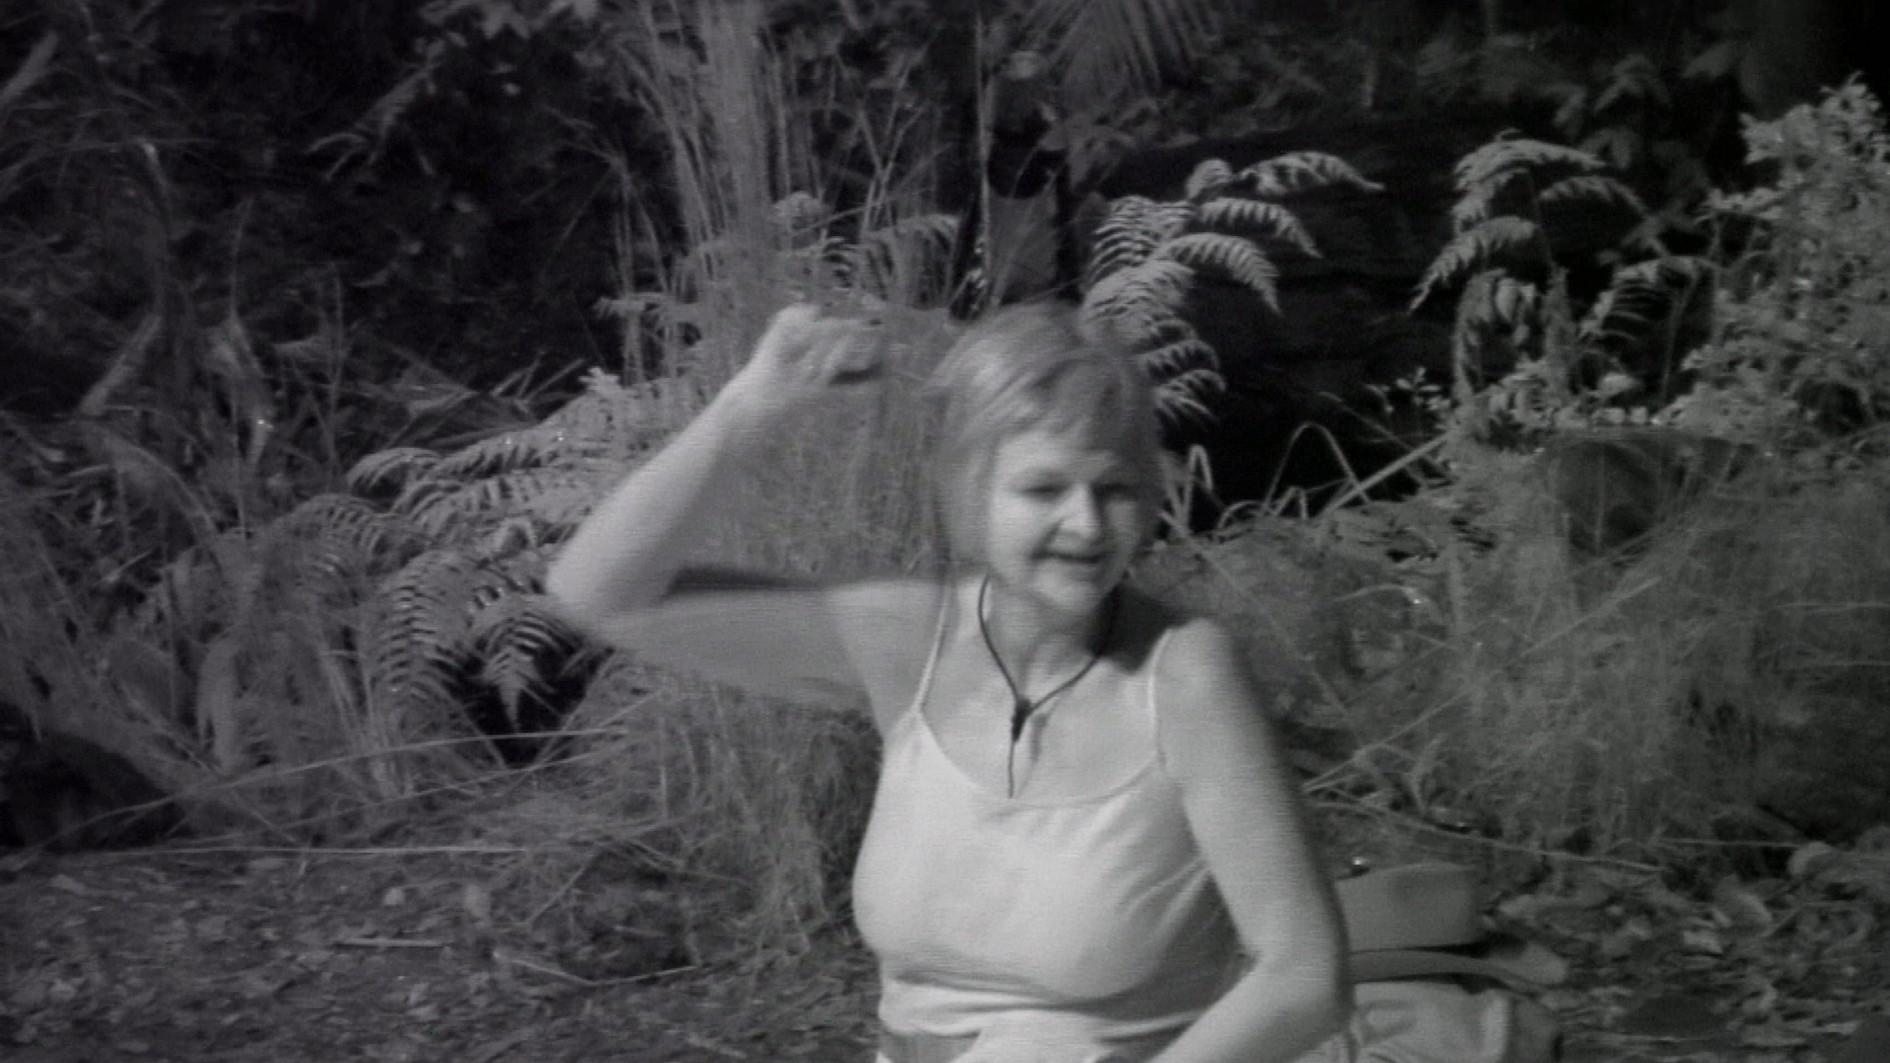 Der dritte Tag in Folge bei Reis und Bohnen schlägt besonders Kader Loth aufs Gemüt. Im Dschungeltelefon spricht sie klare Worte. Sie will das Camp verlassen.